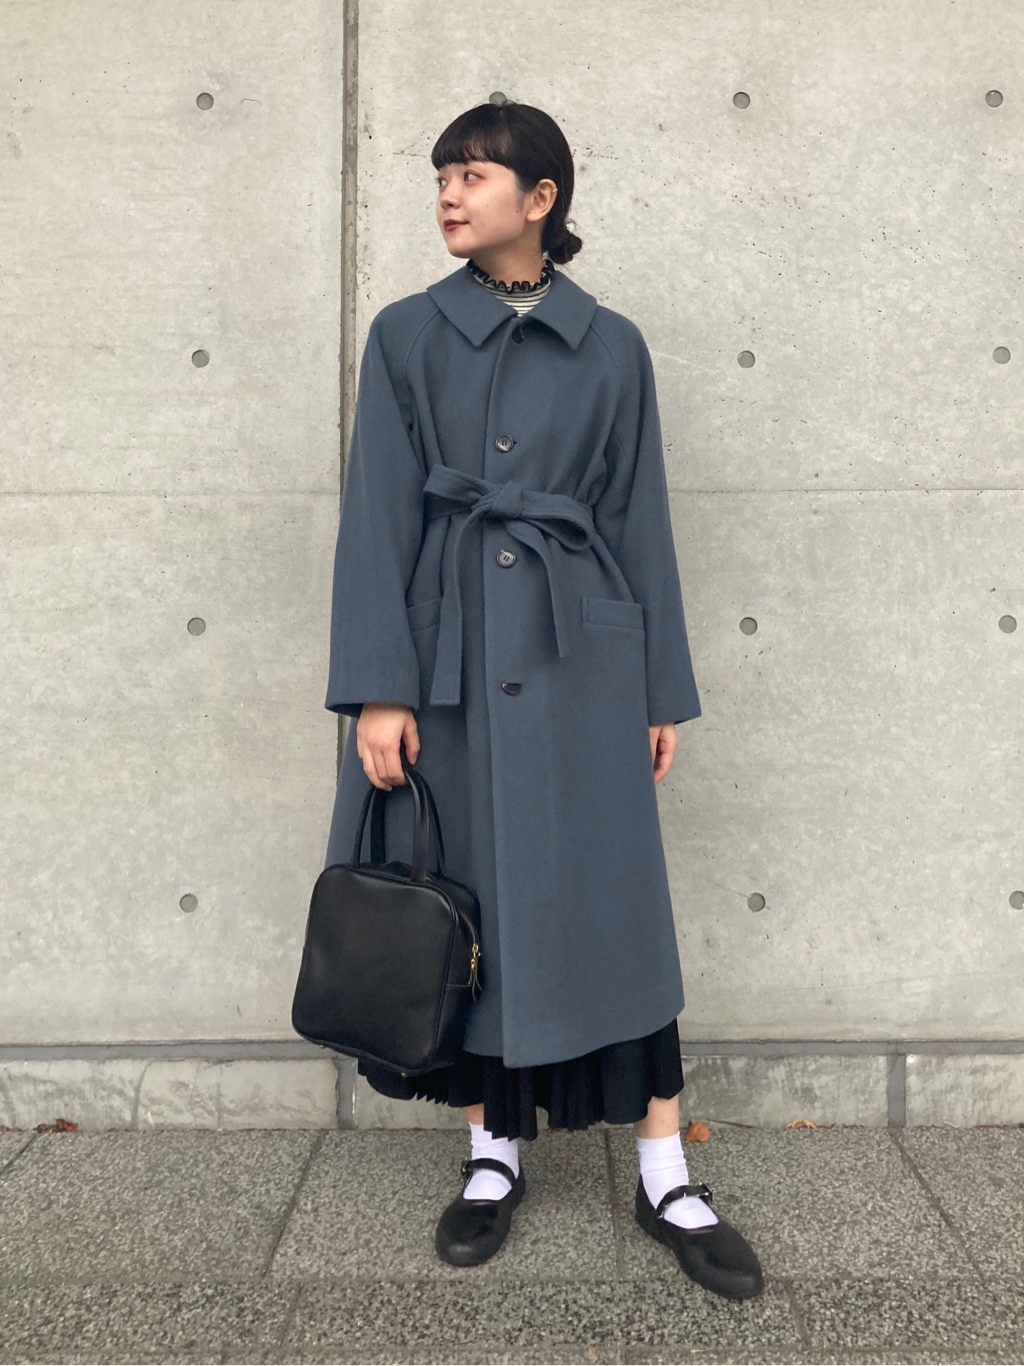 東京スカイツリータウン・ソラマチ 2020.10.09